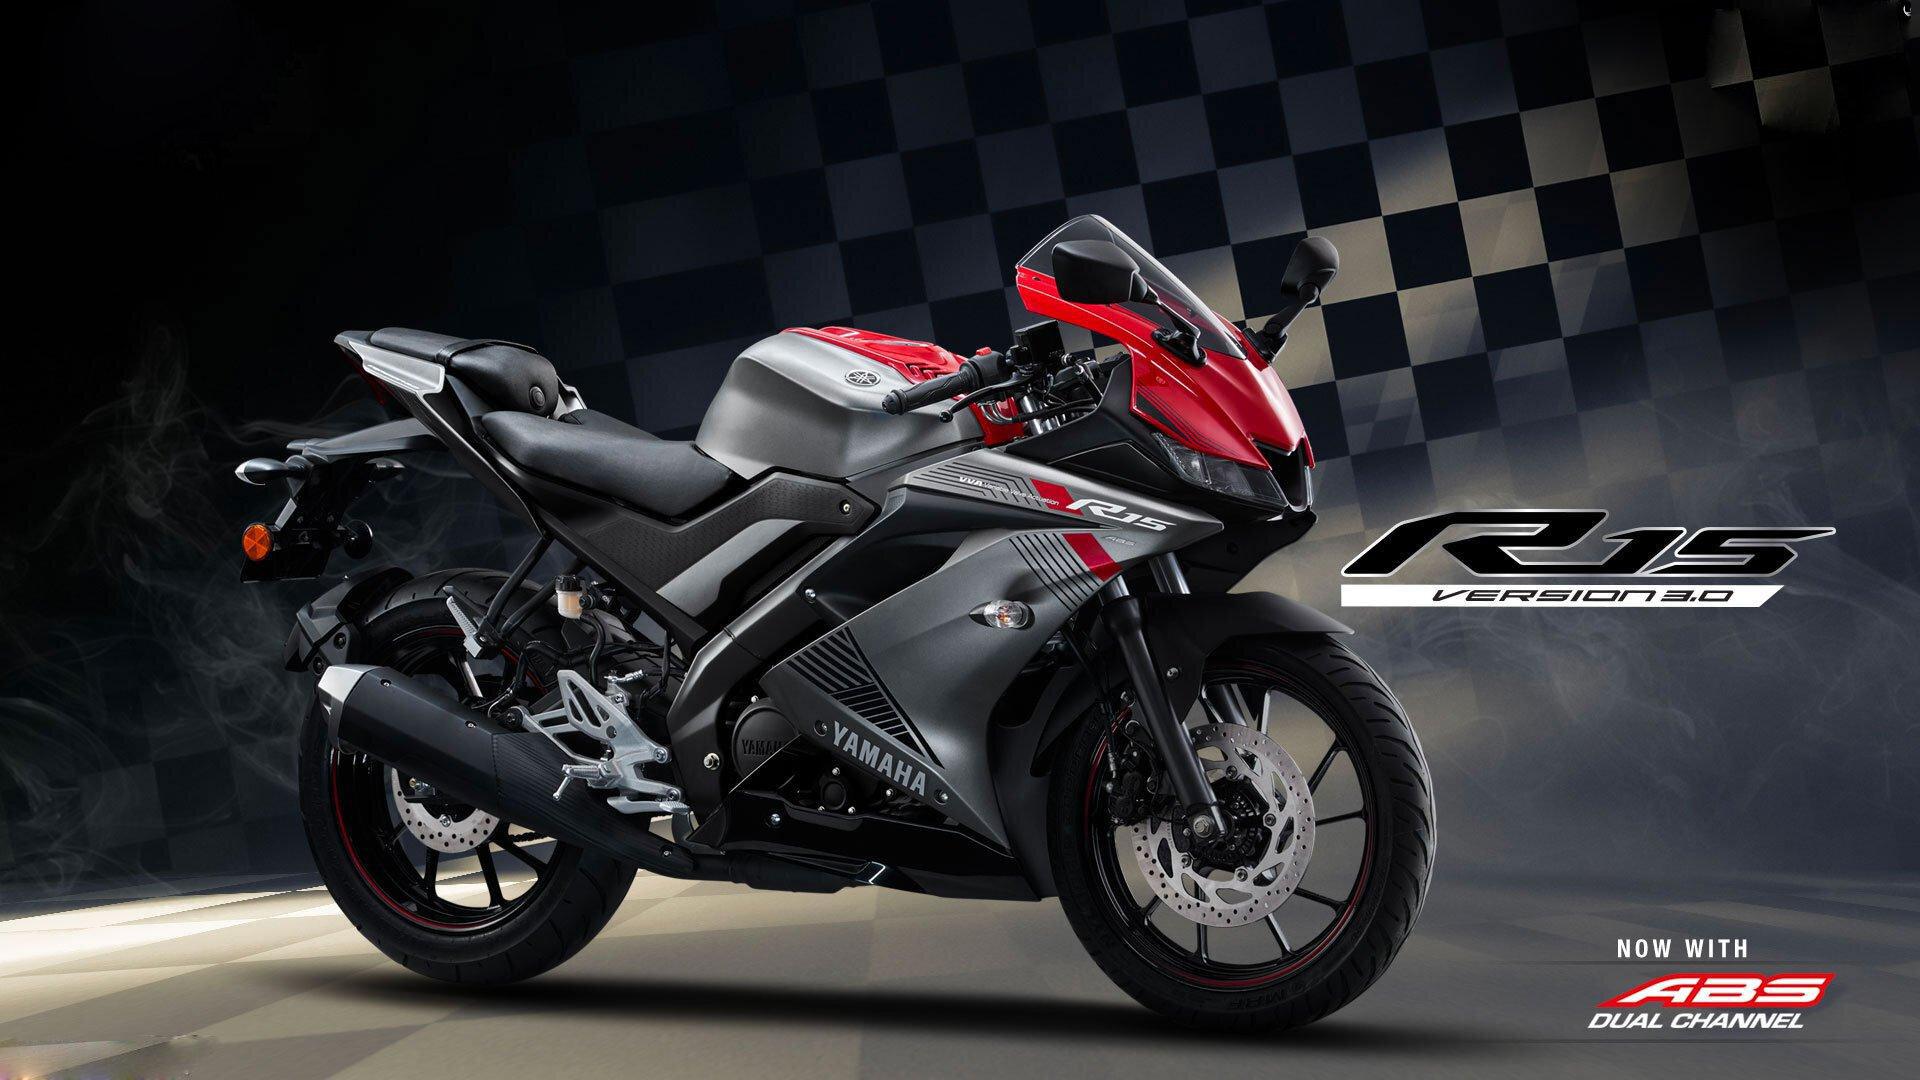 Sản phẩm được trang bị phuộc cao cấp, thường chỉ có ở các dòng xe Sportbike